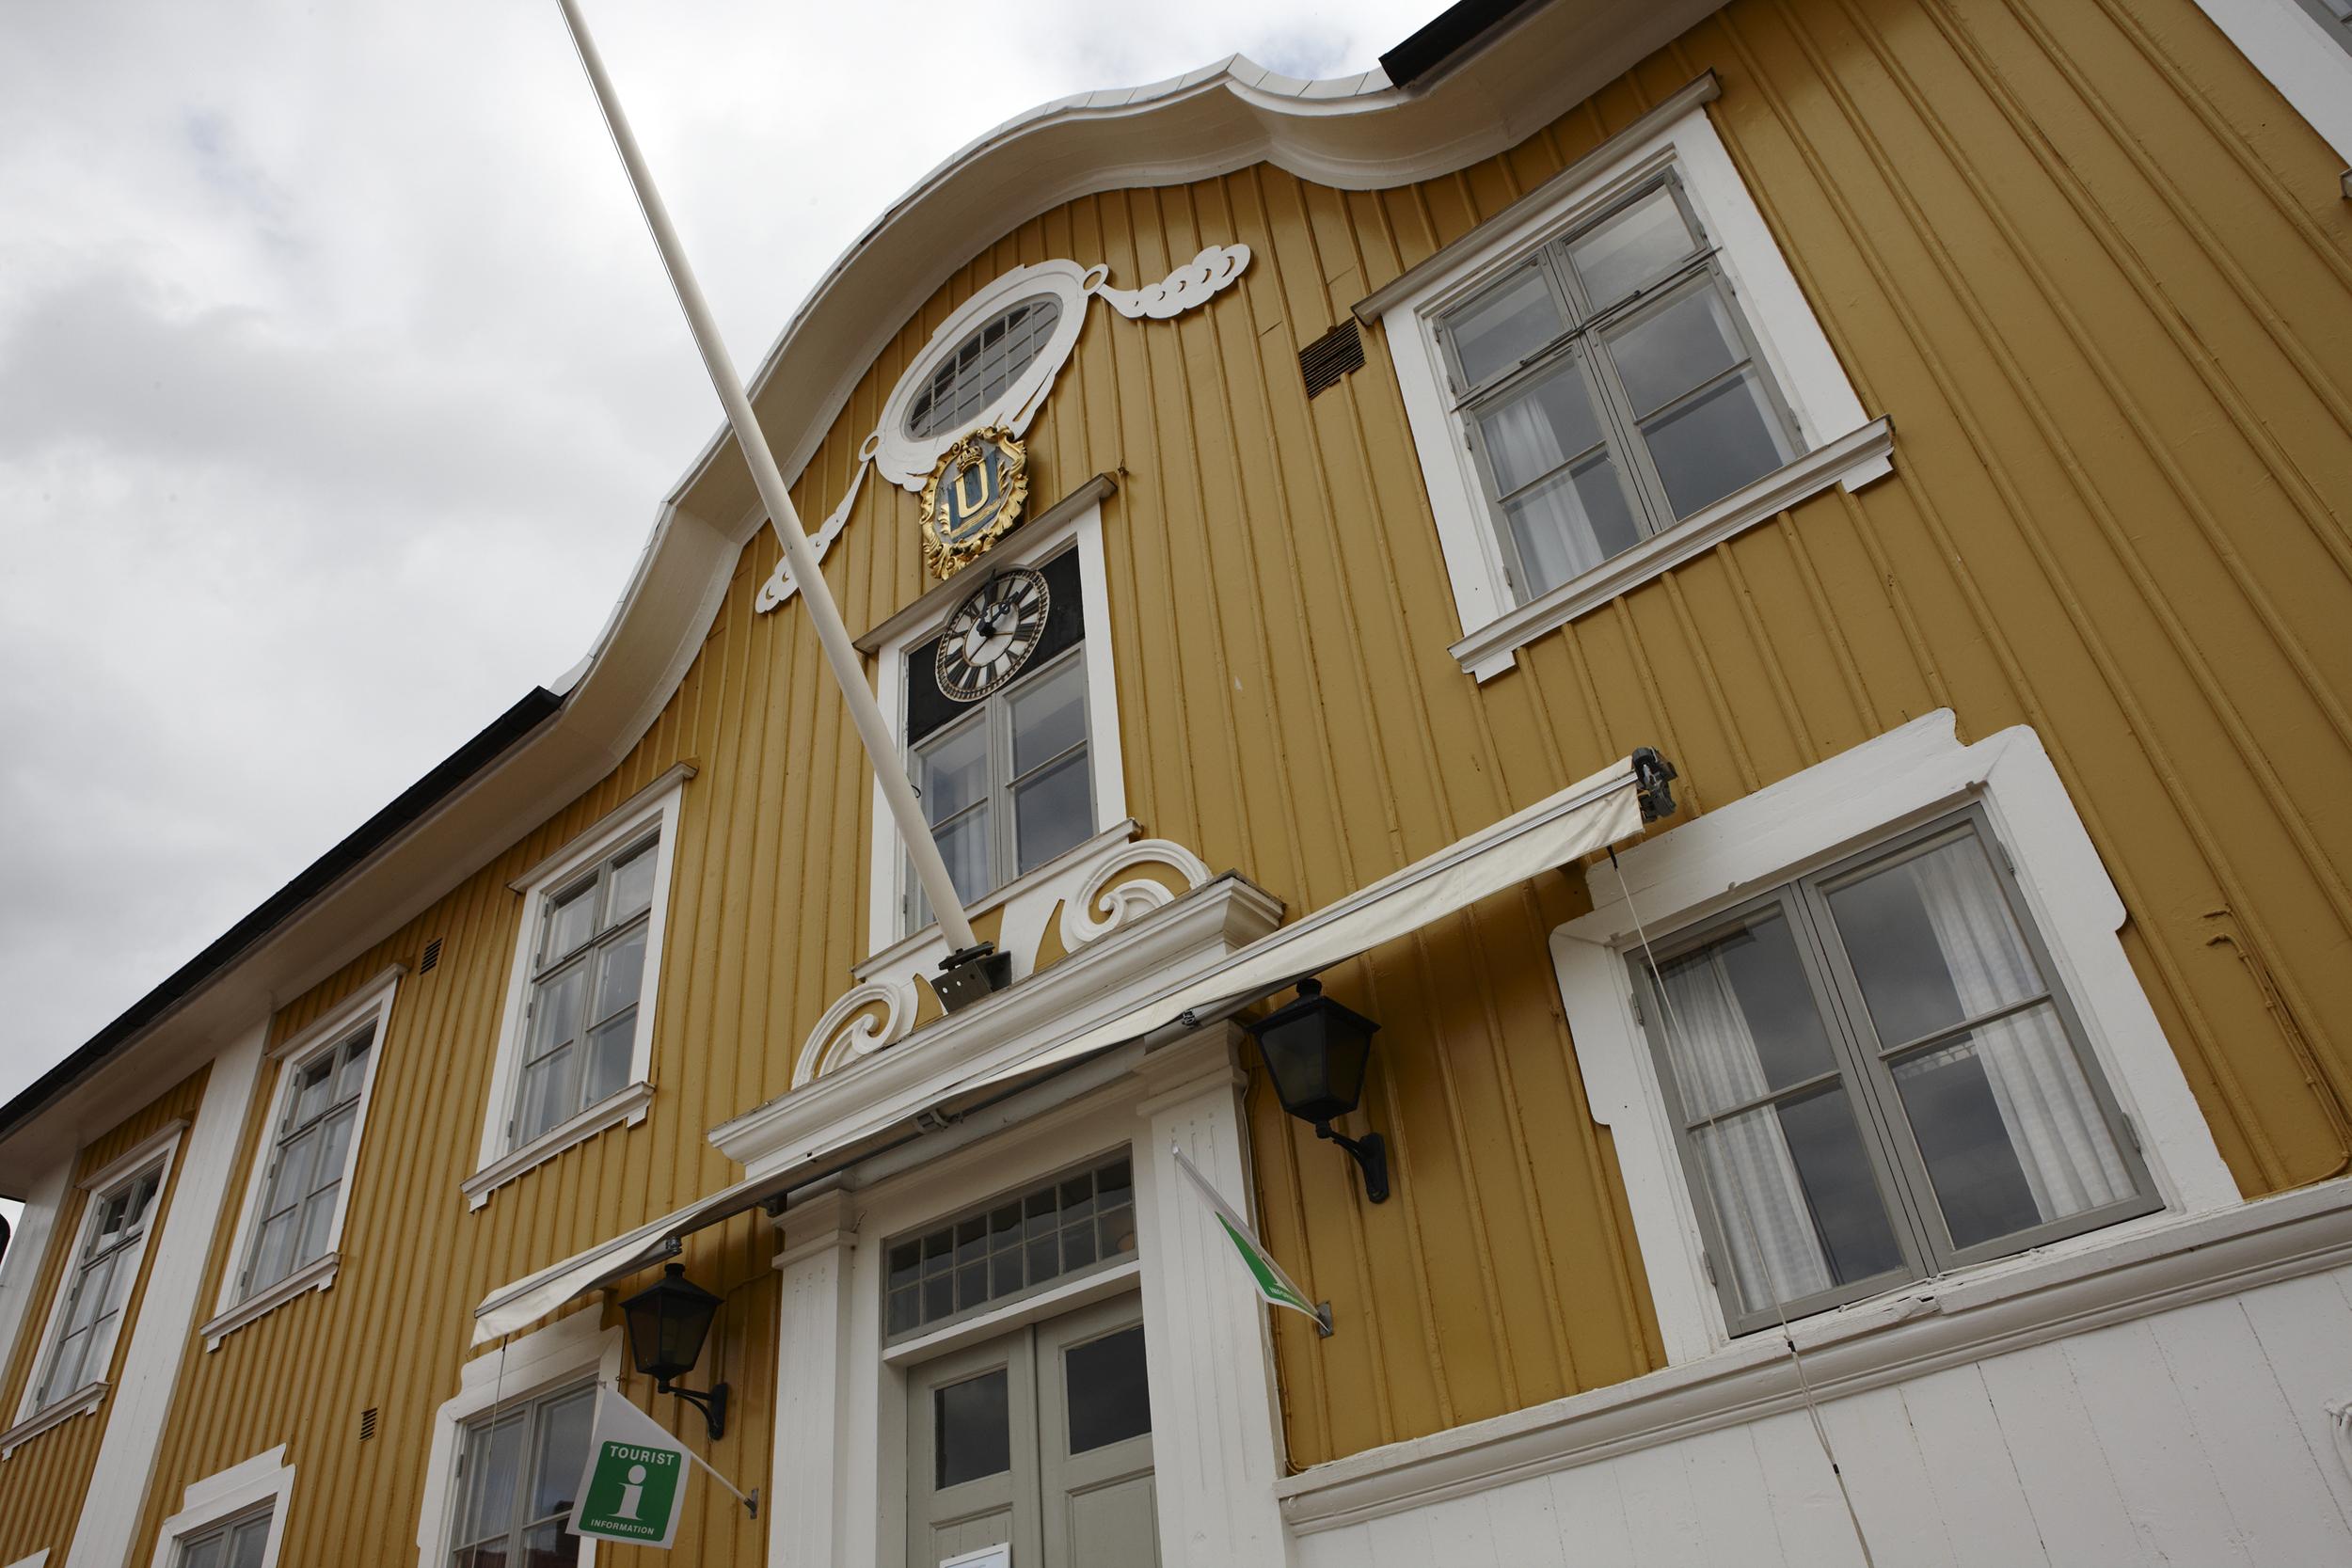 Seniorfrening Oasen Ulricehamns kommun